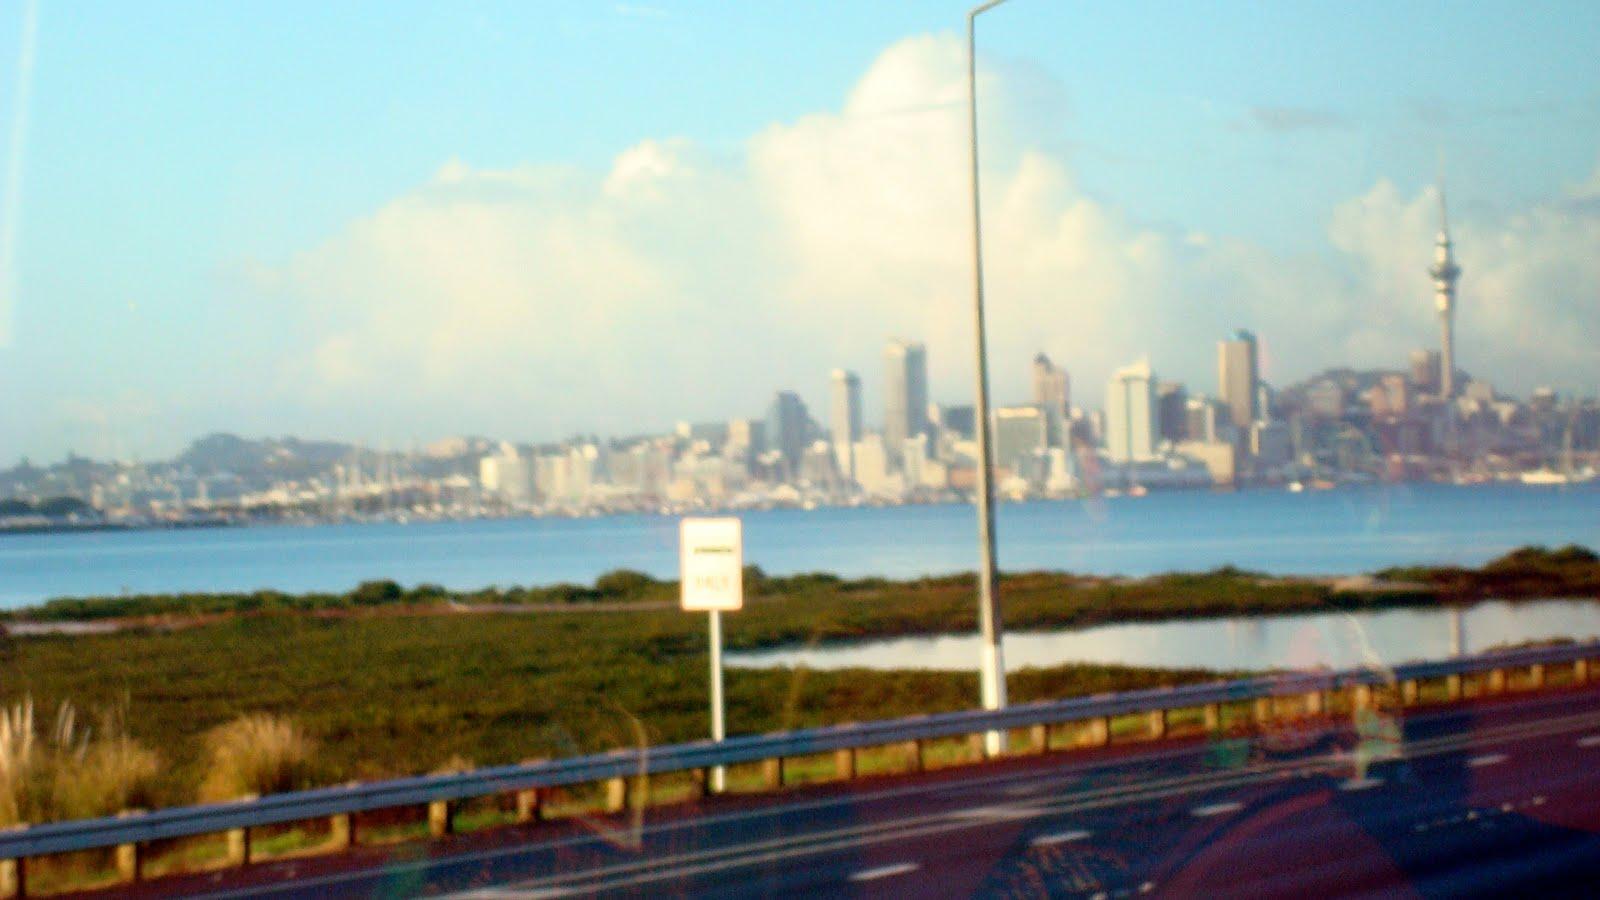 http://1.bp.blogspot.com/_R_7zh4rKj0Q/S95-puZC_ZI/AAAAAAAABKw/2cwSqKTRZMA/s1600/AucklandFromtheBus.jpg